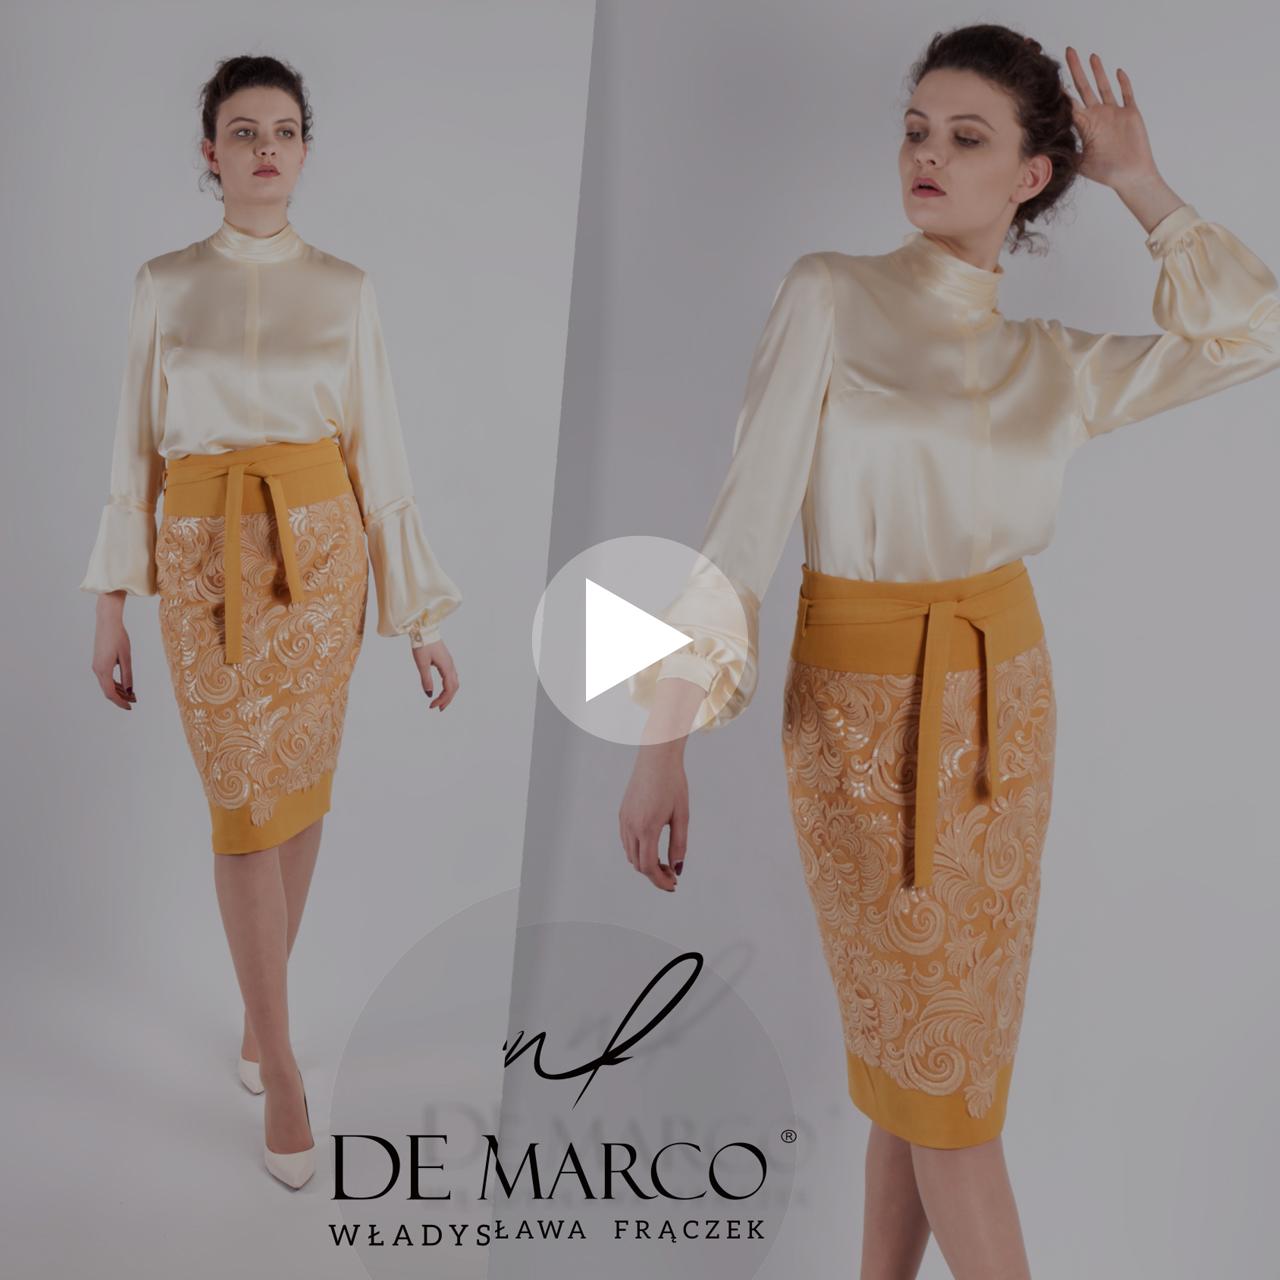 Elegancki komplet wizytowy, jedwabna bluzka ze spódnicą. Szycie na miarę De Marco.